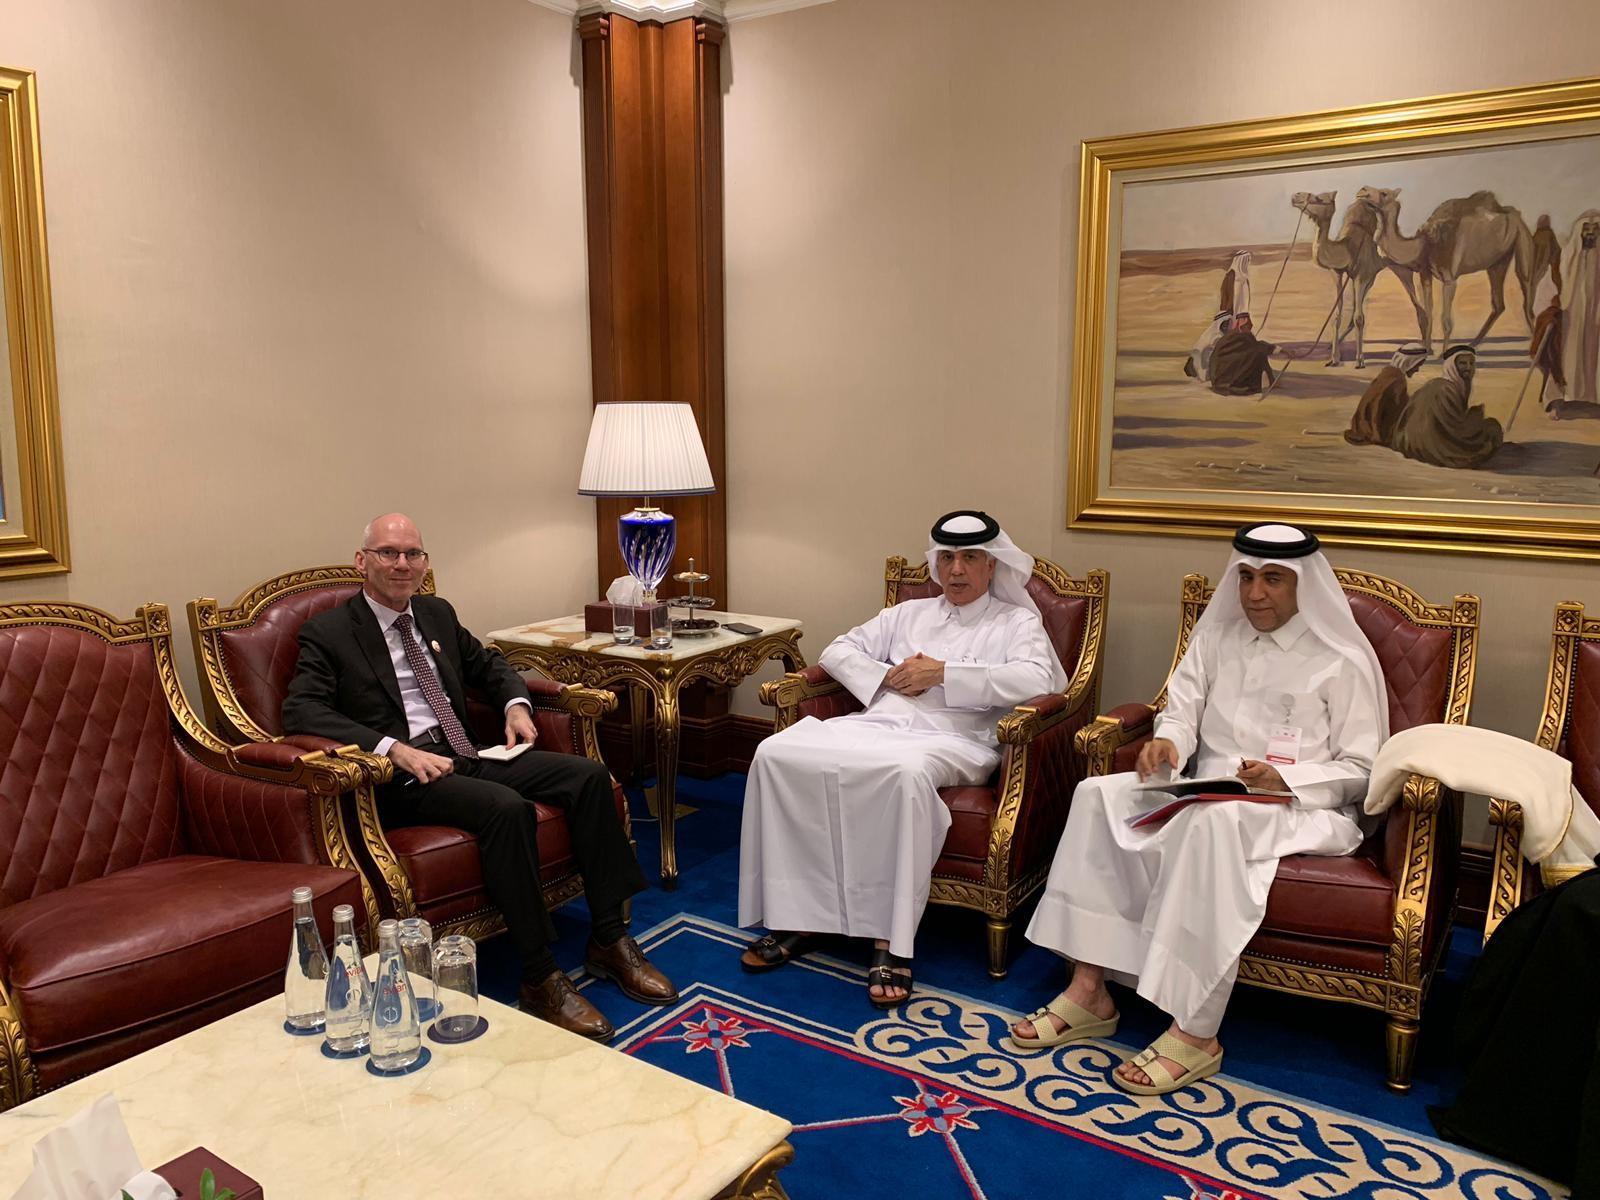 وزير الدولة للشؤون الخارجية يجتمع مع مسؤول أممي